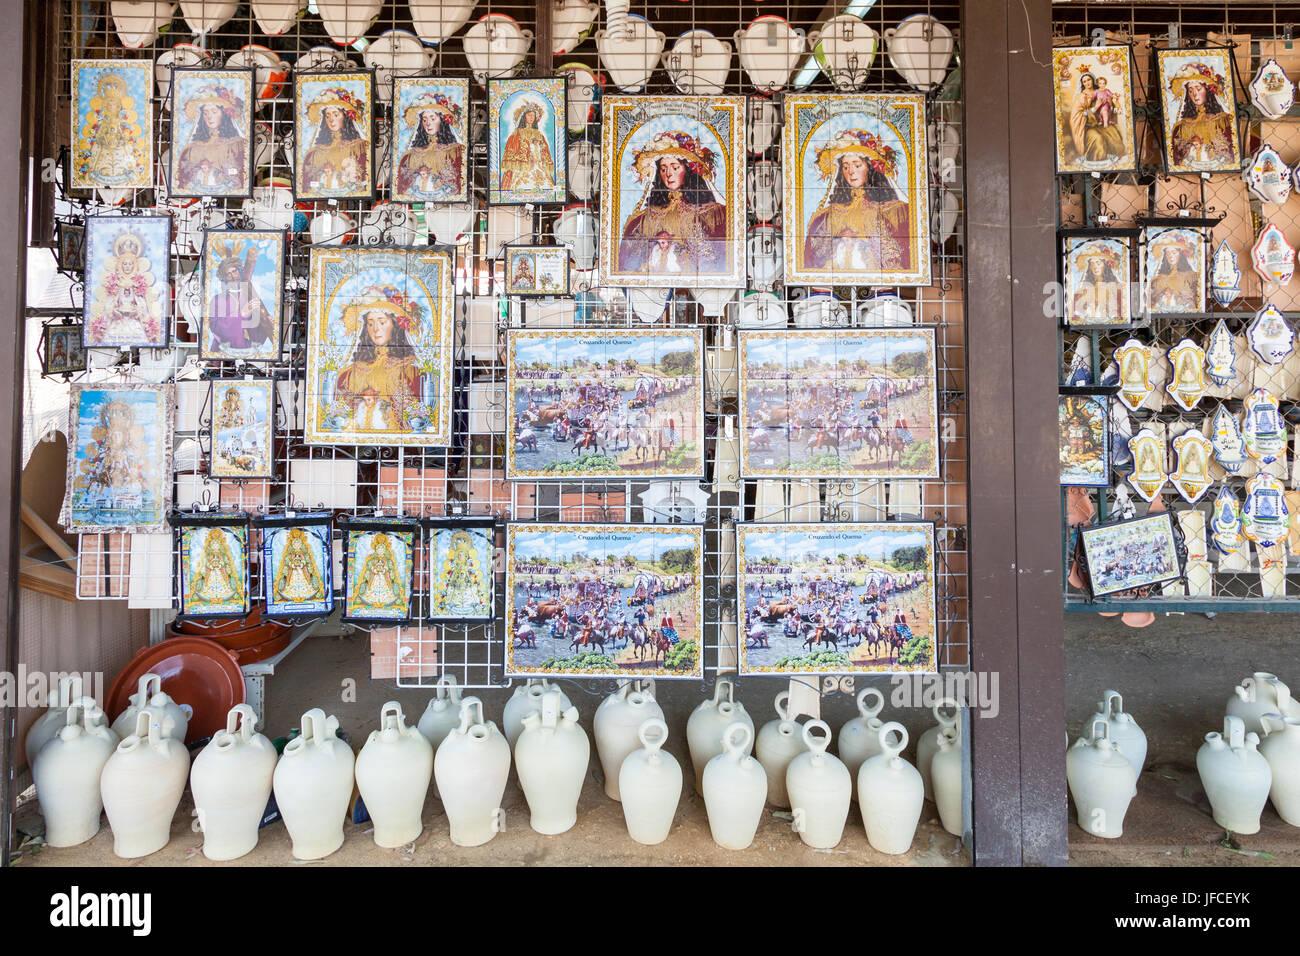 El Rocio, Spain - June 2, 2017: Icons of the Madonna of El Rocio for sale in a shop during the pilgrimage Romeria - Stock Image